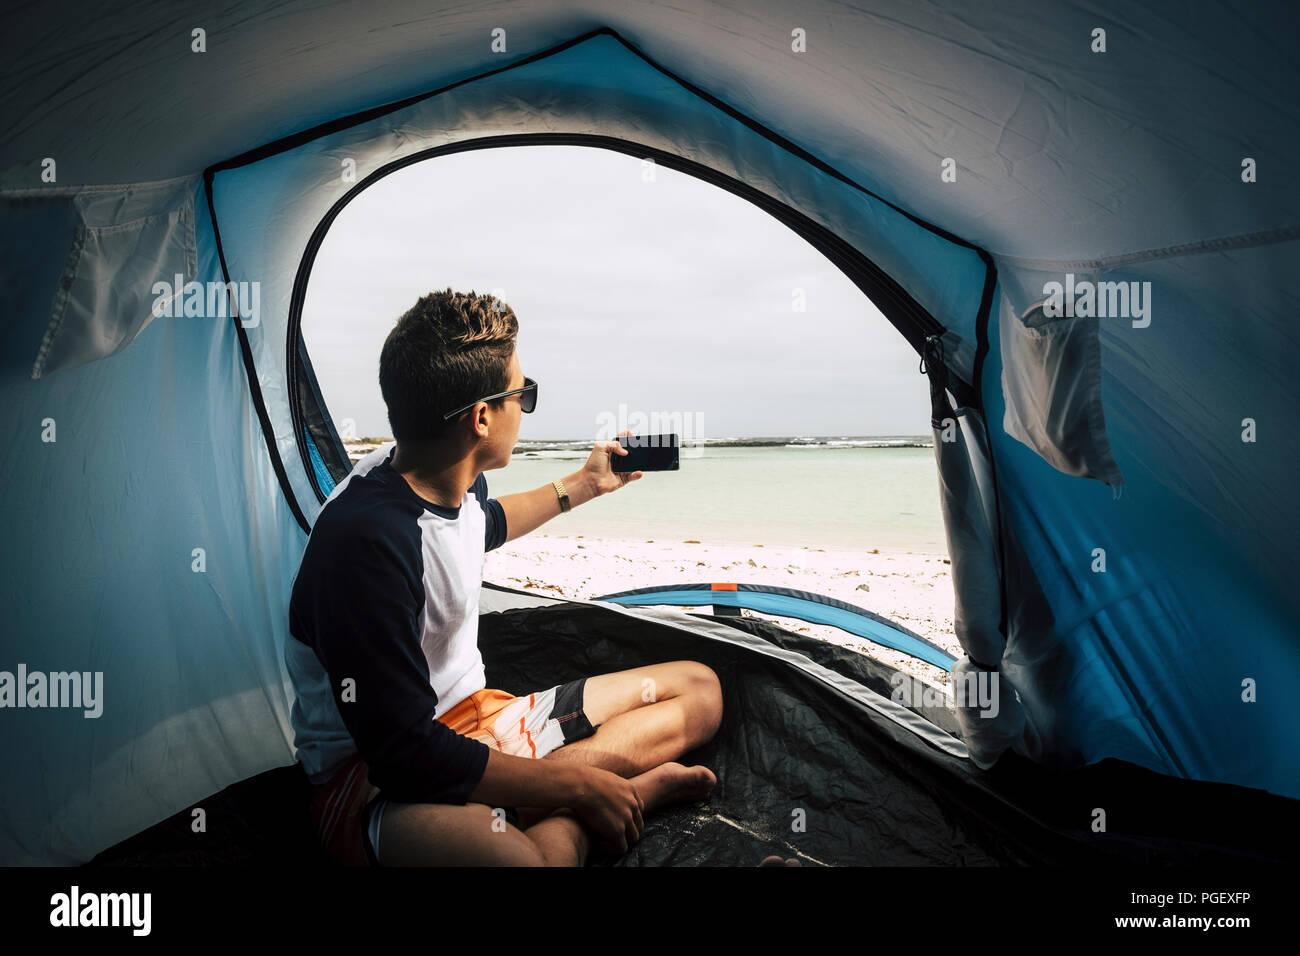 Adolescente bello ragazzo camp direttamente sulla spiaggia bianca in paradiso tropicale luogo isole. dalla porta della tenda per scattare una foto con il telefono Immagini Stock